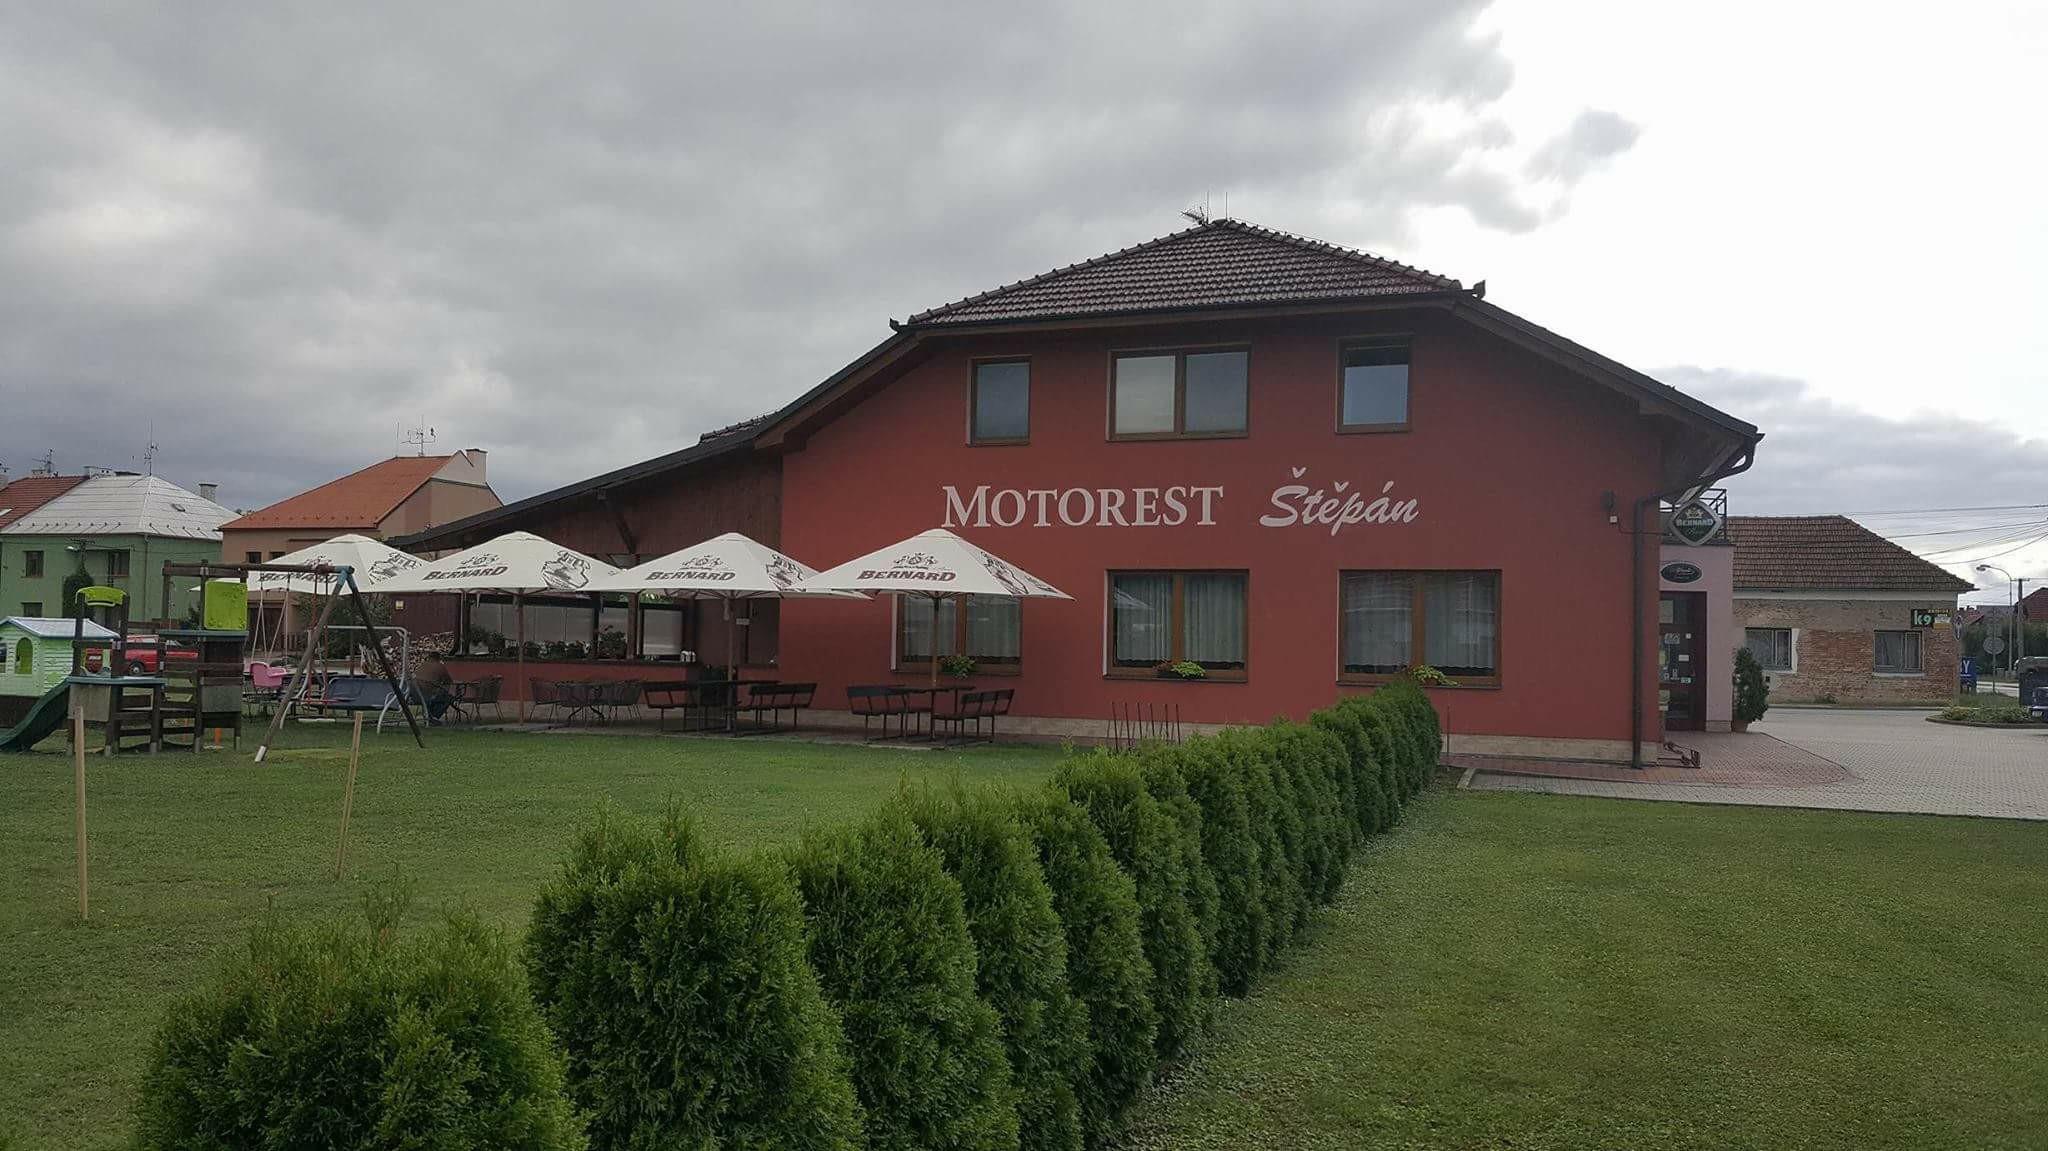 Ubytování se snídaní u hranic SR, ČR - motorest s parkovištěm